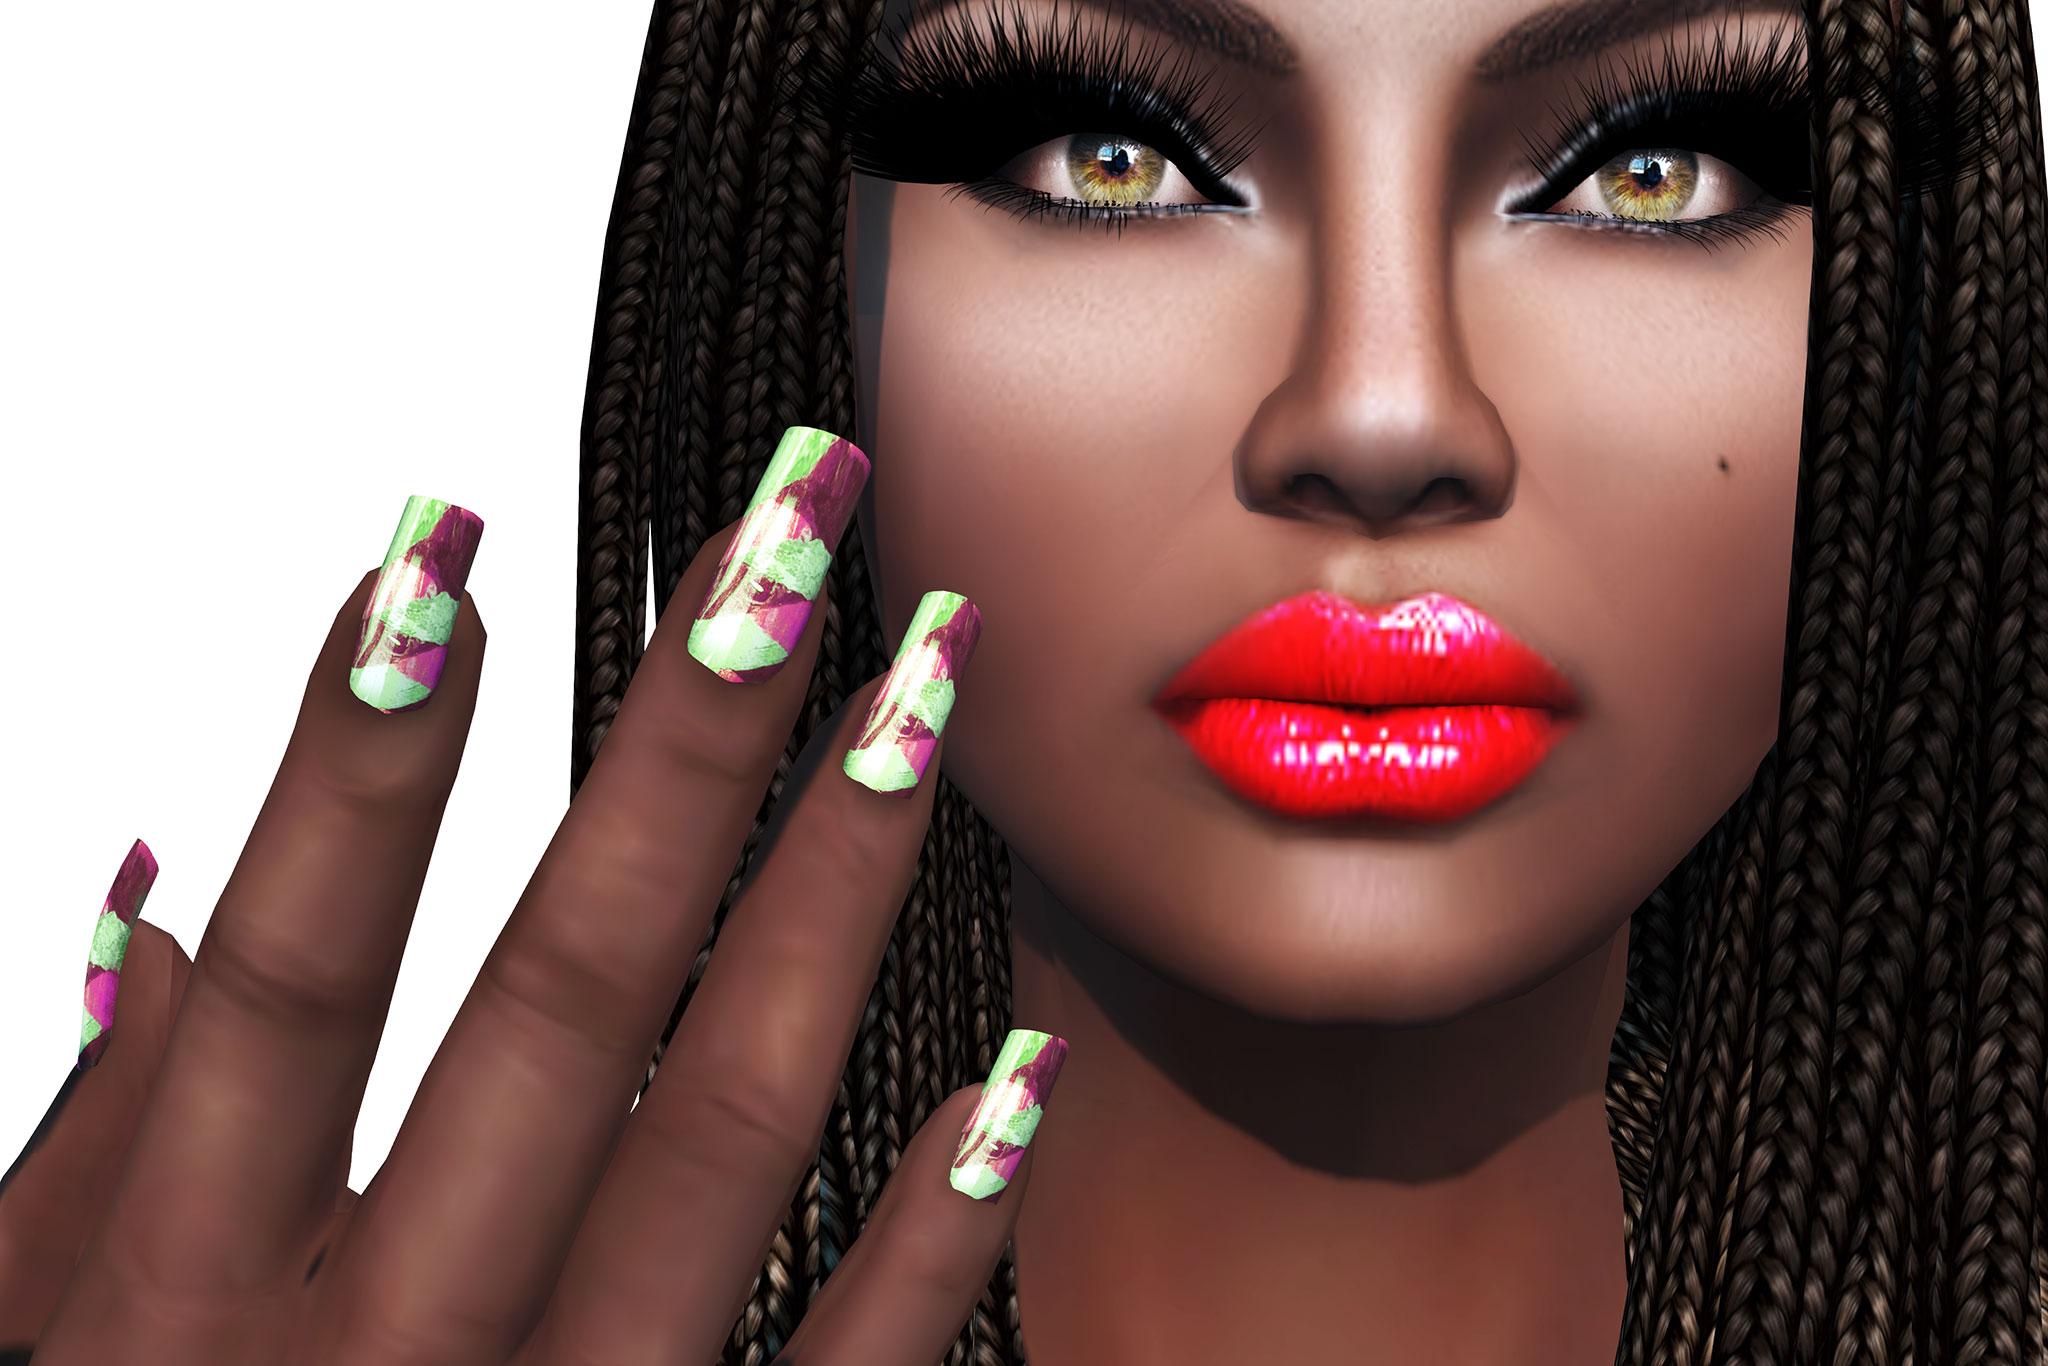 I ♥ nails!!!